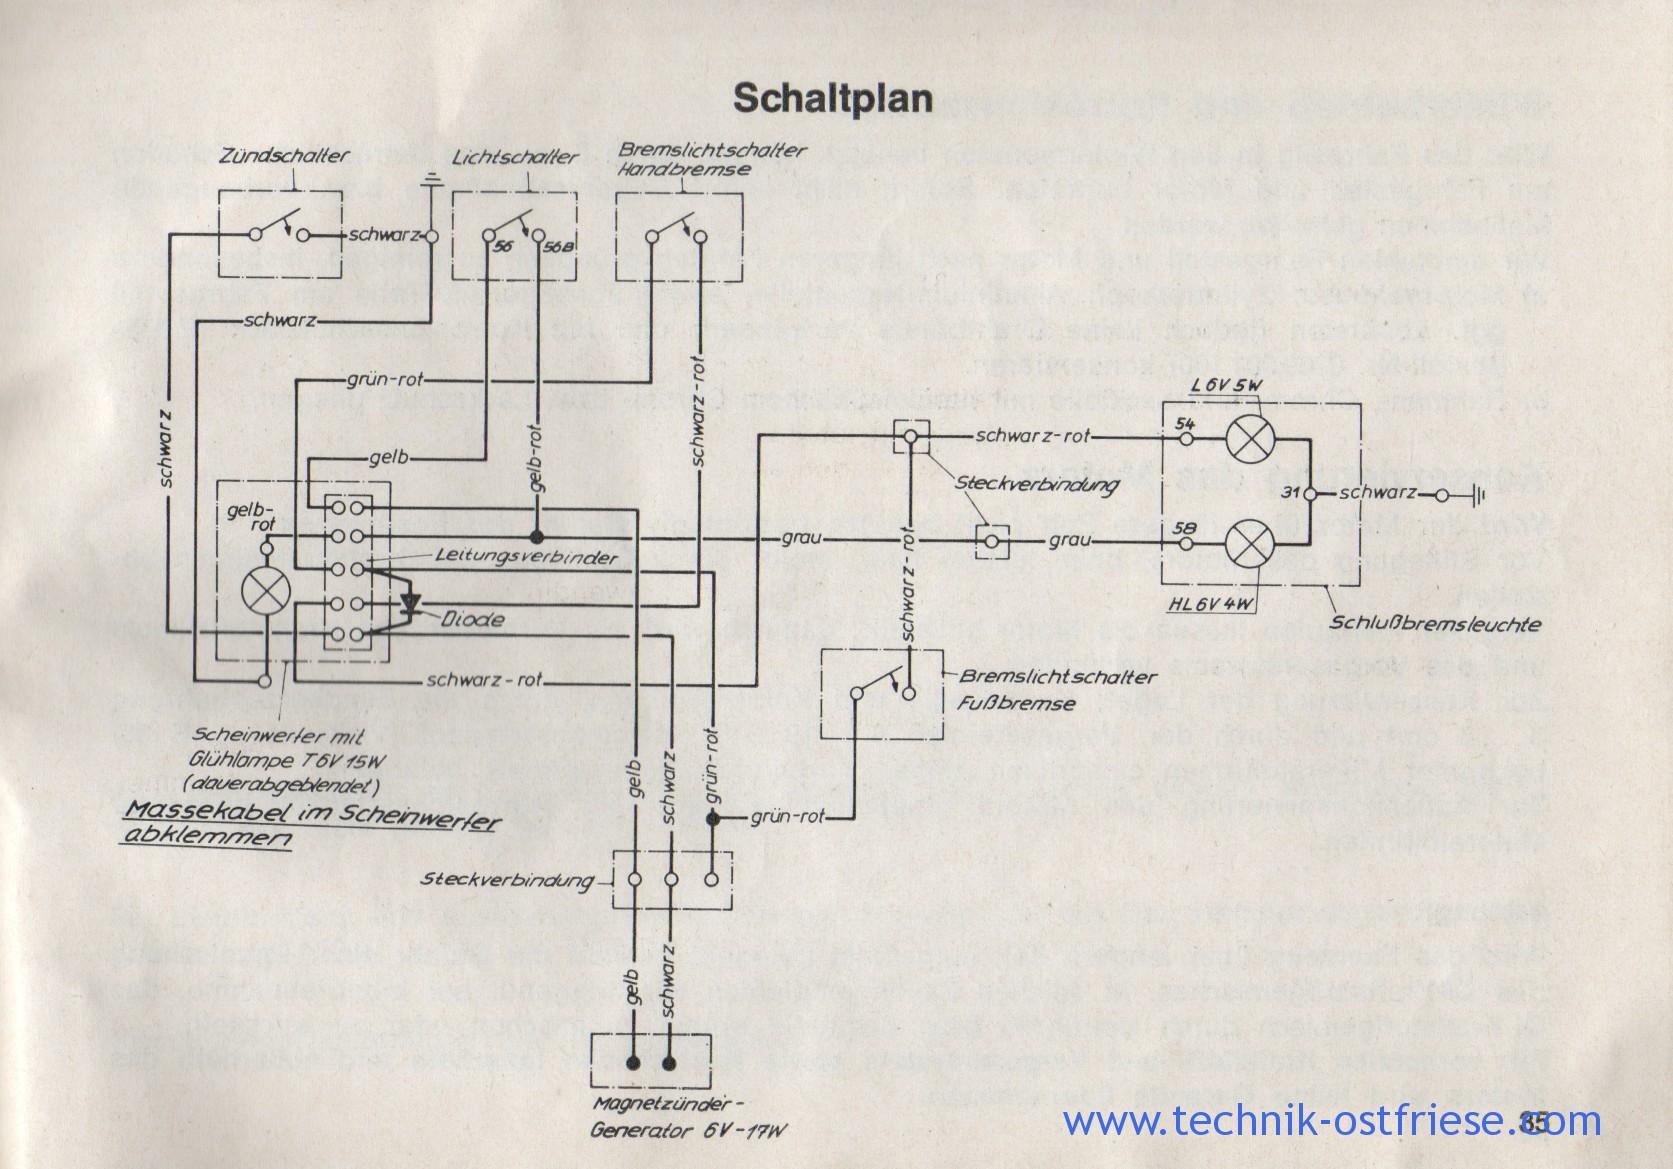 Hercules G3 Betriebsanleitung | Schaltplan